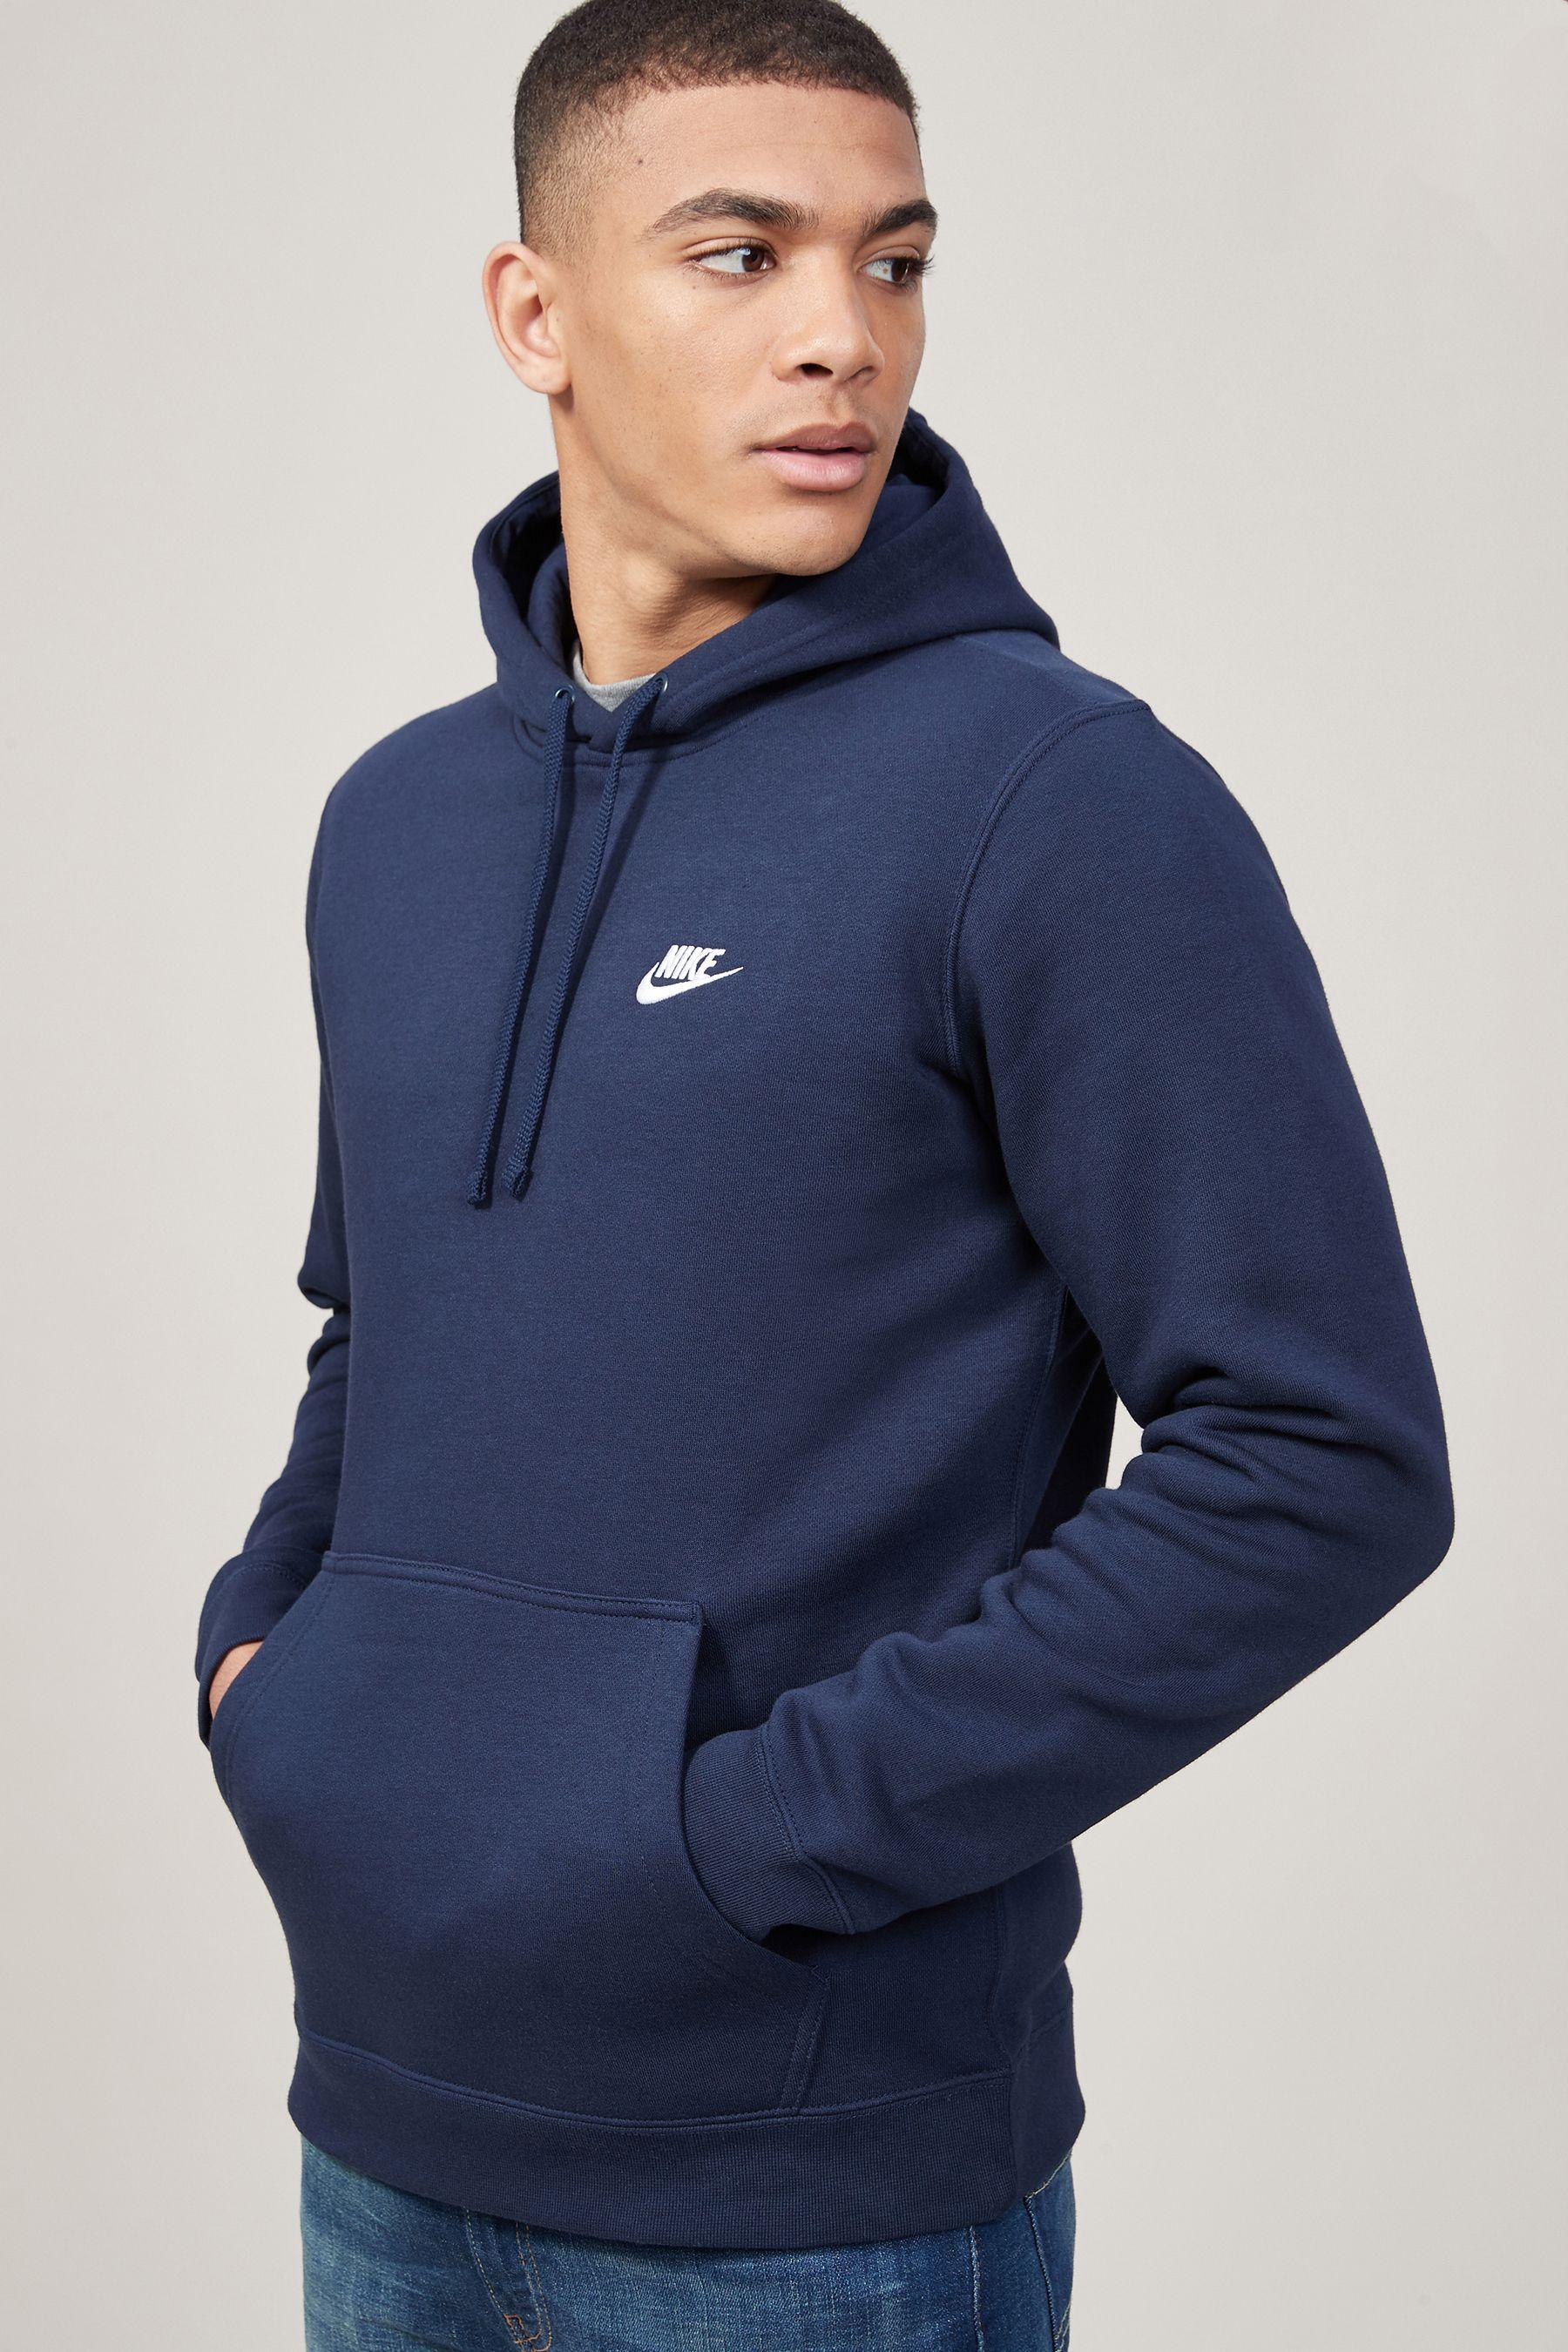 Mens Nike Club Hoody Blue Nike Hoodie Nike Clothes Mens Hoodies [ 2700 x 1800 Pixel ]